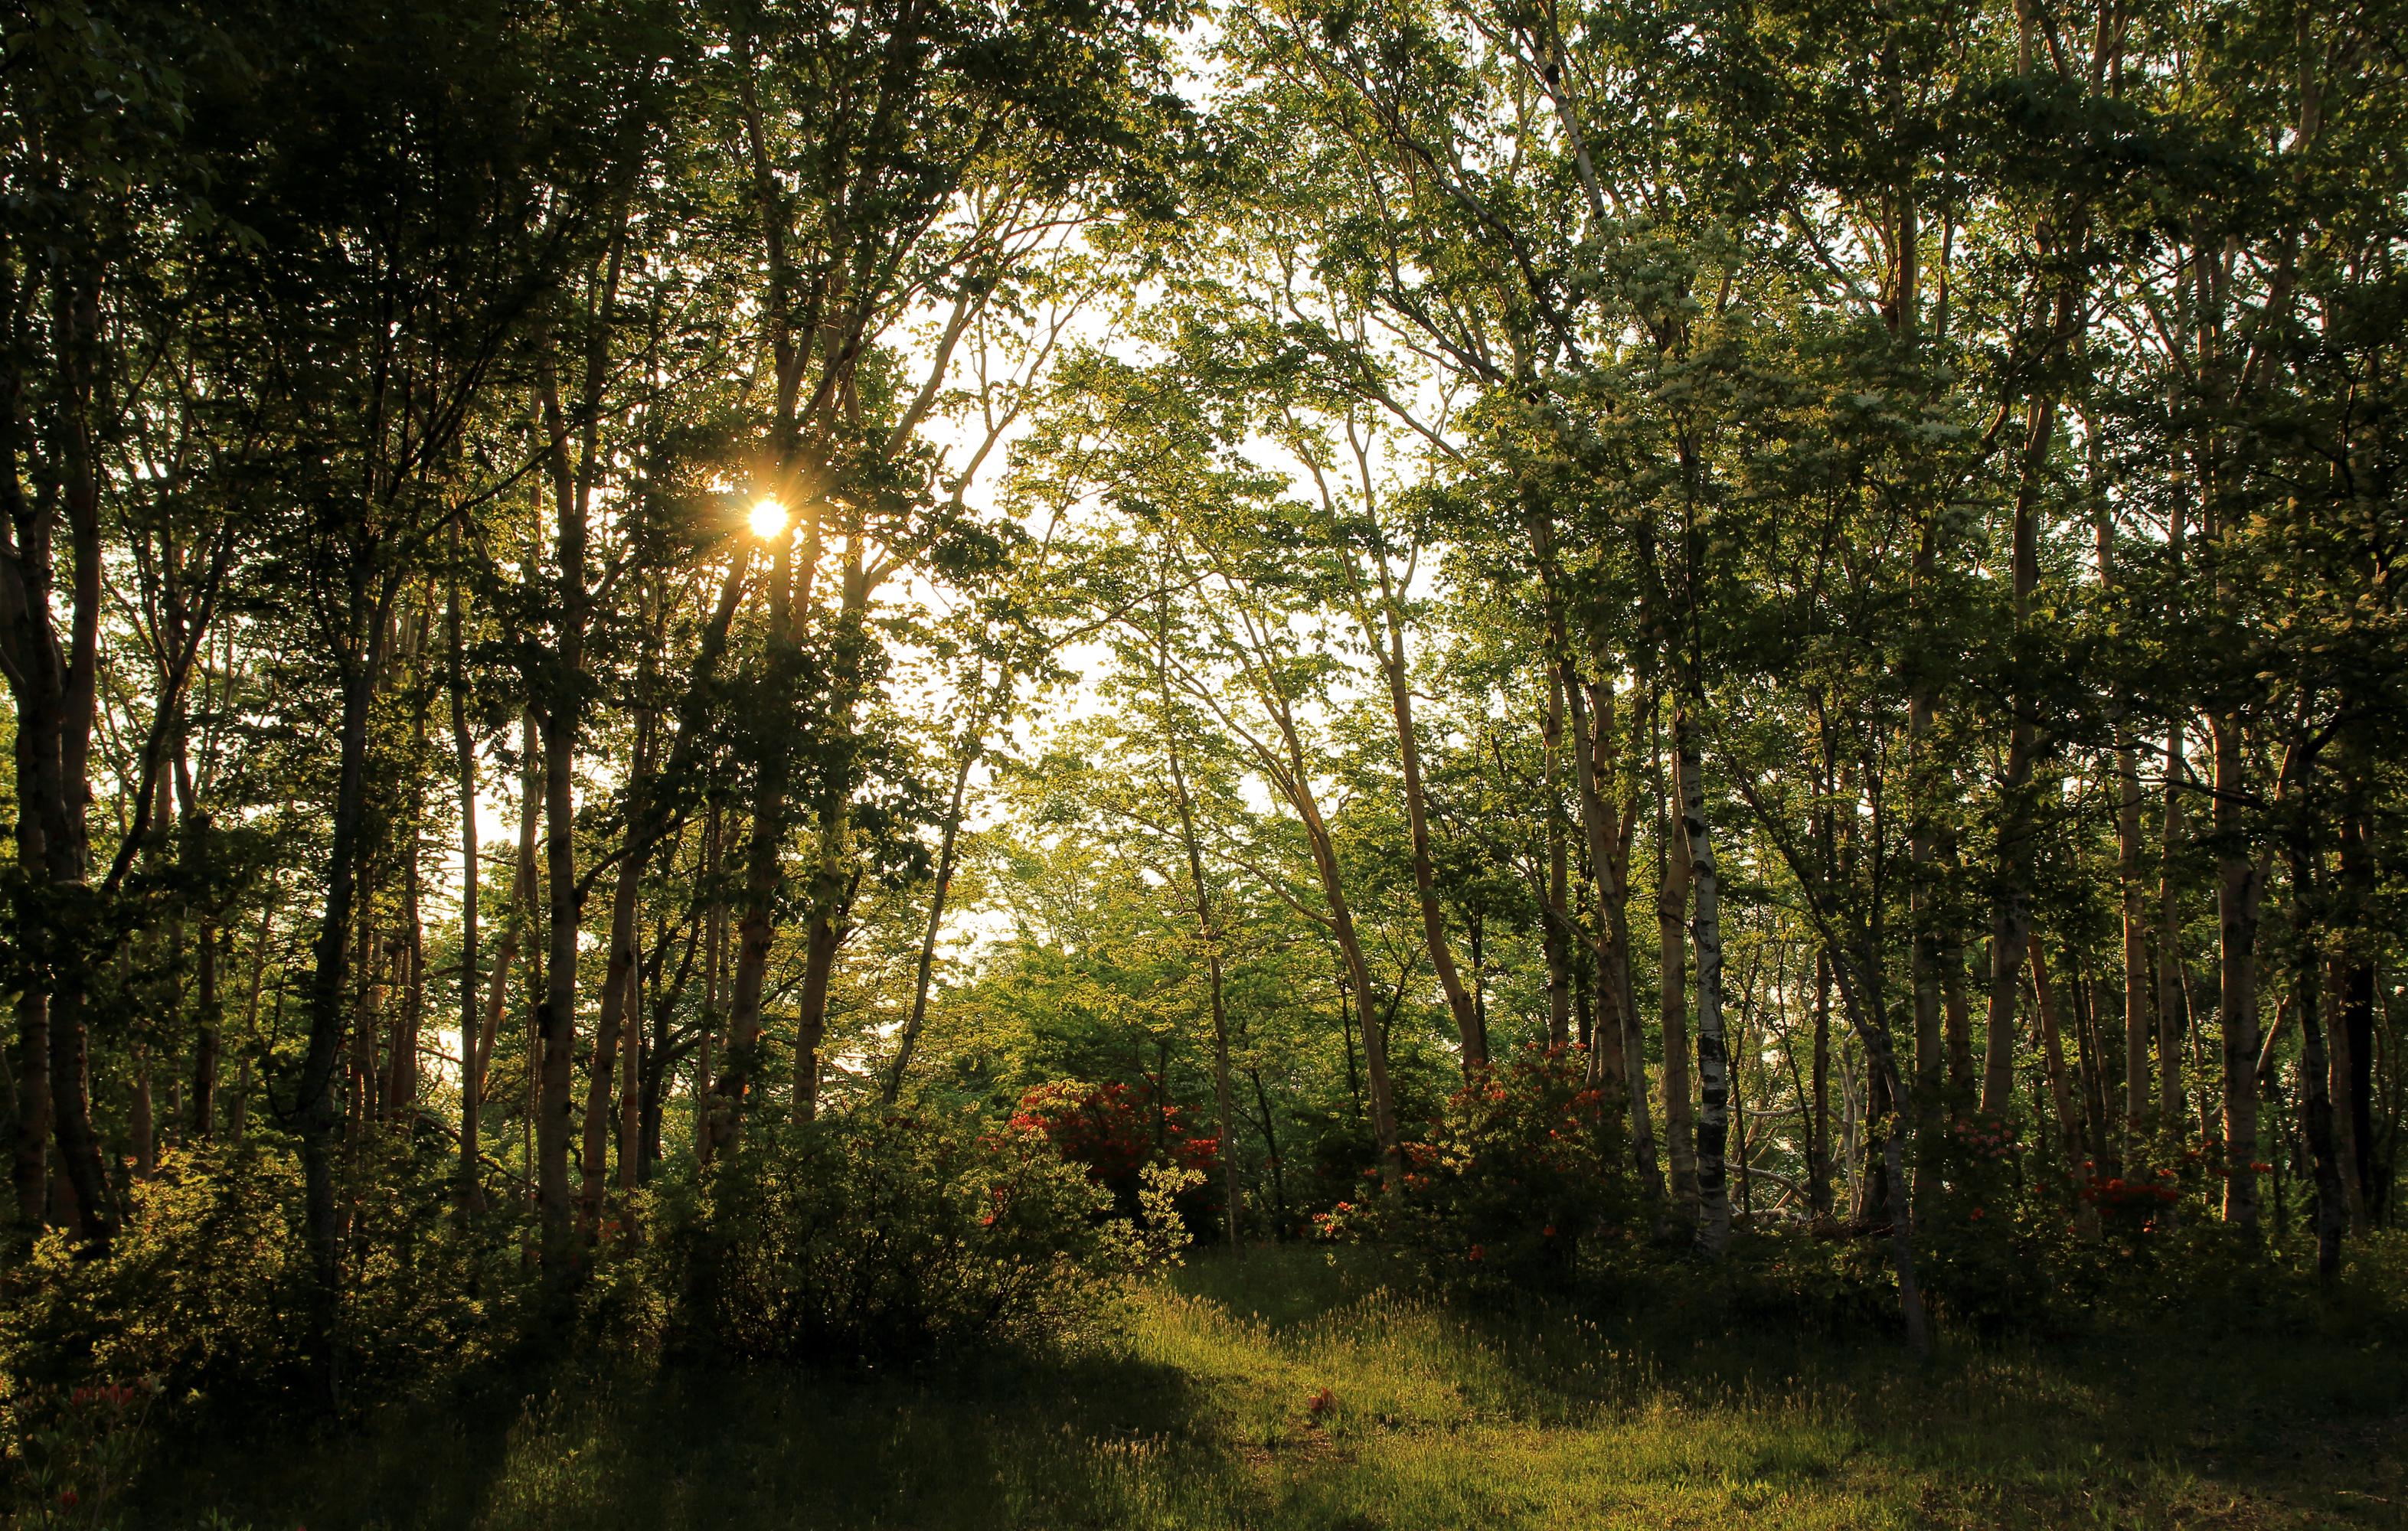 картинки с кустами в лесу жизнь